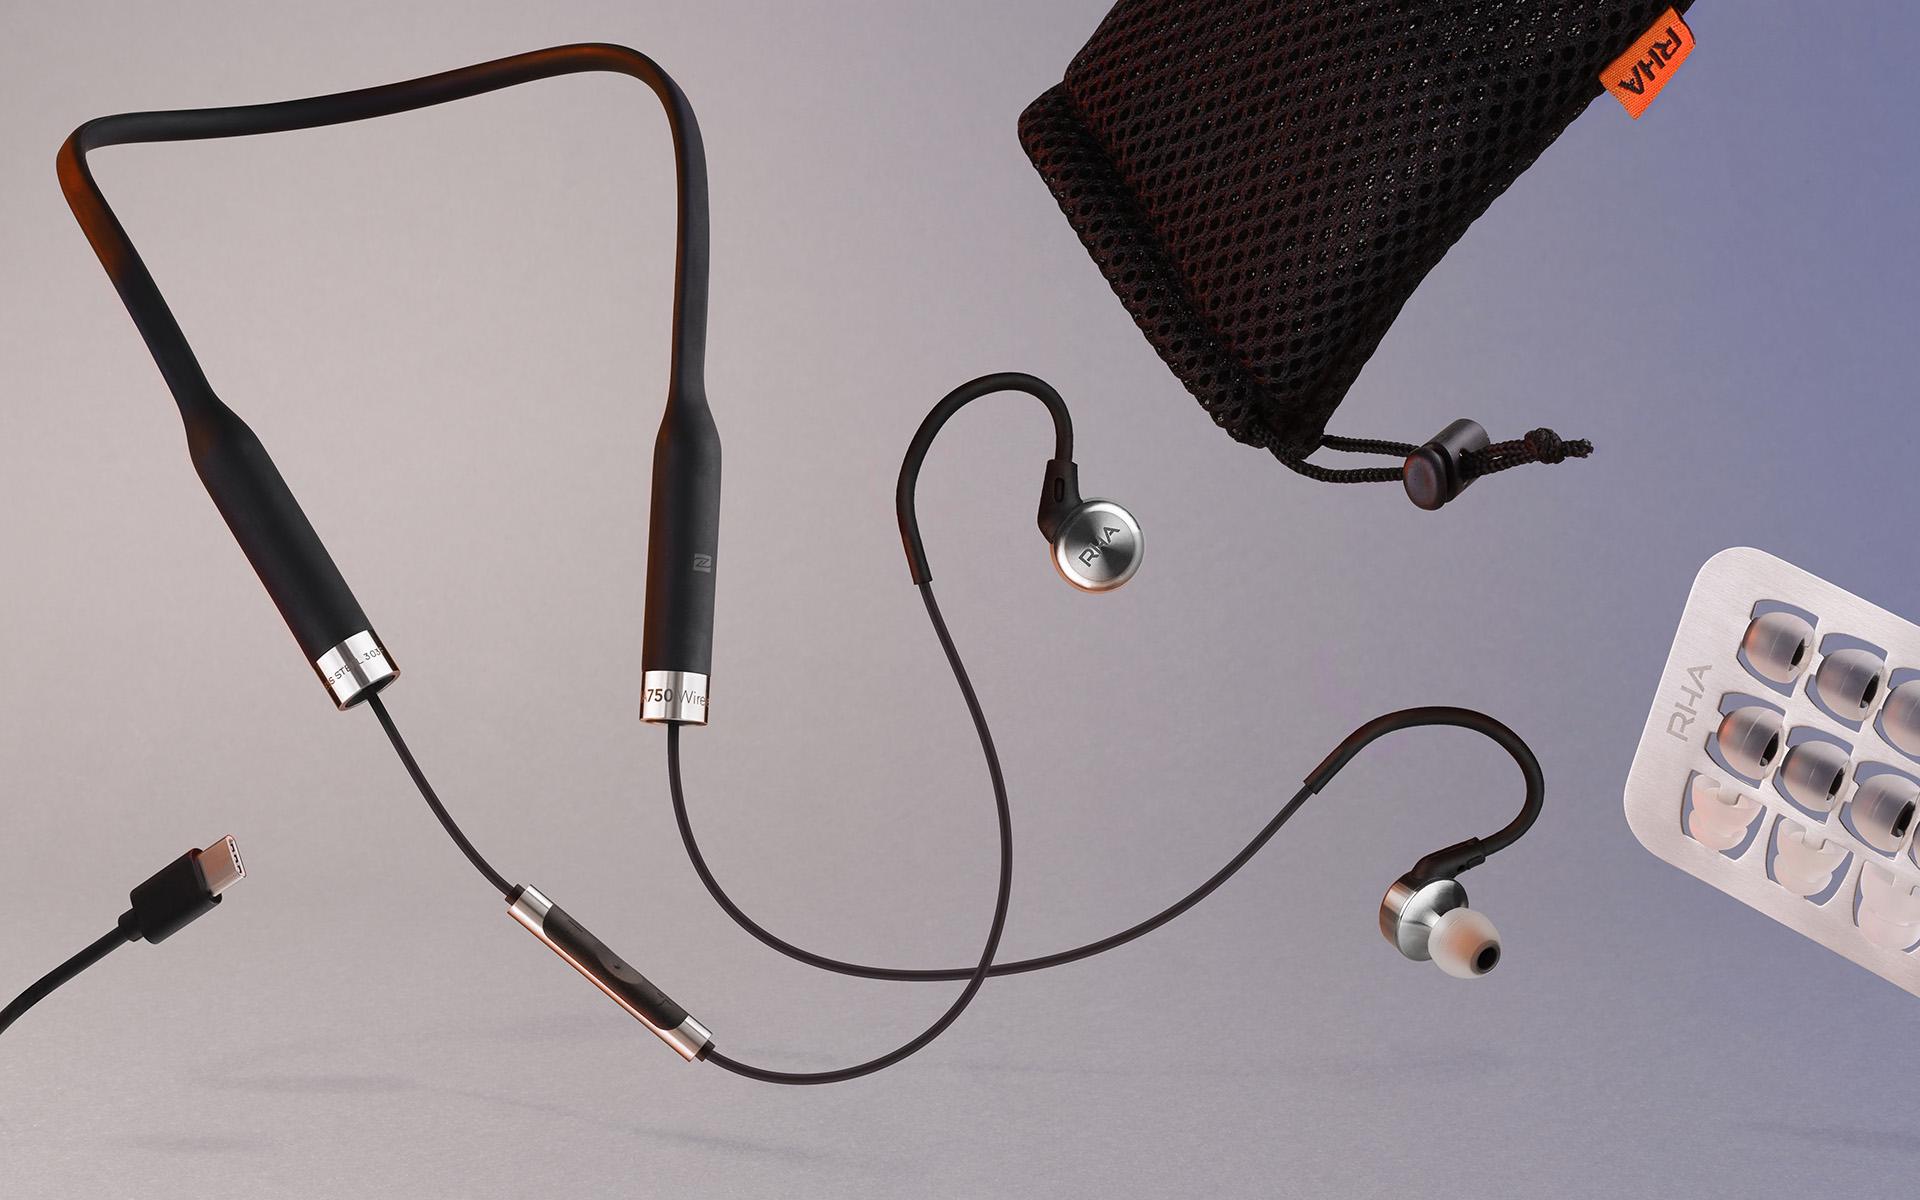 Комплект поставки RHA MA750 Wireless включает восемь пар сменных амбушюр разного размера